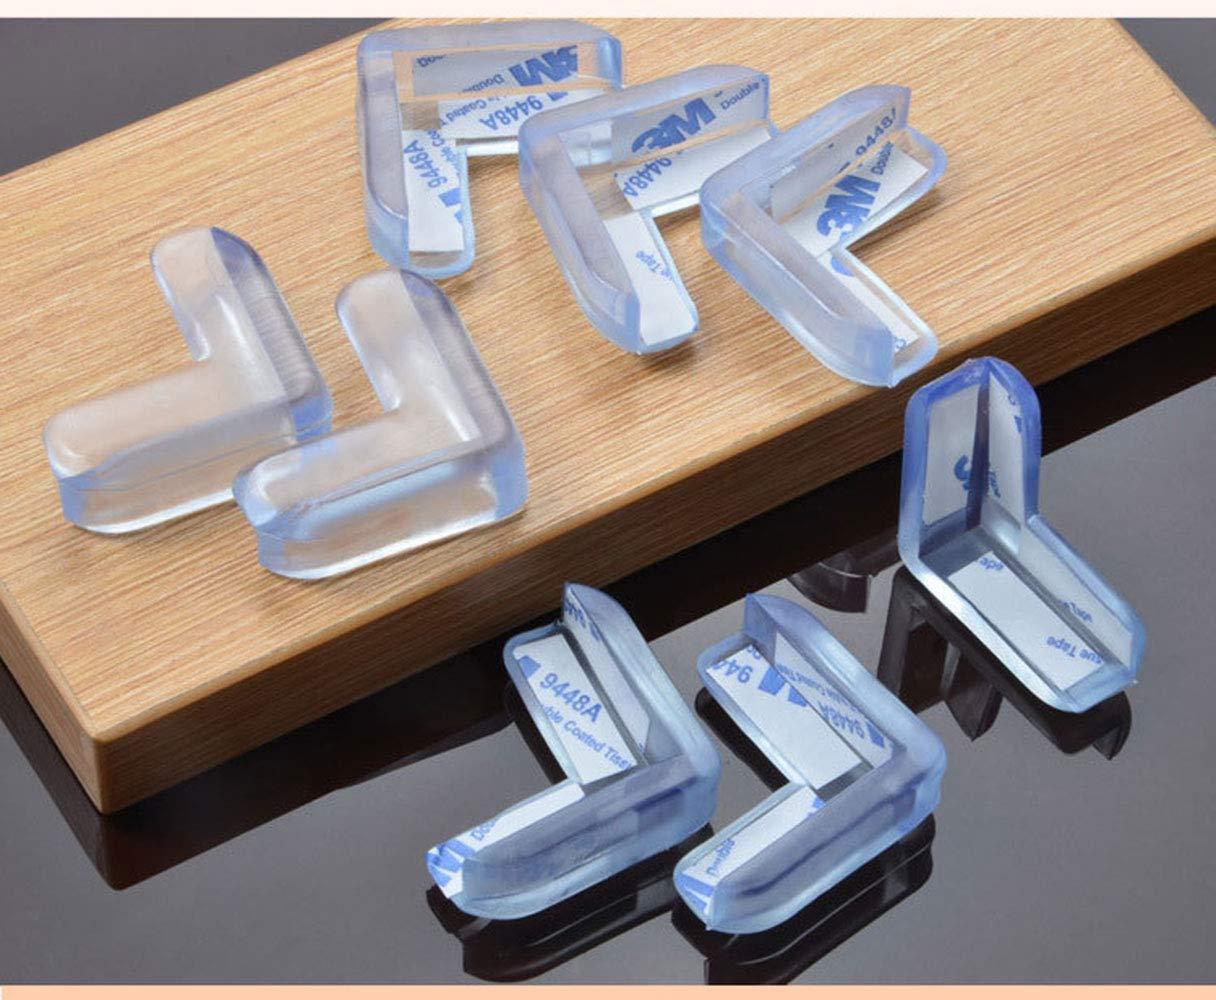 protectores de esquina de PVC Accod Protectores de esquina de seguridad para mesa con adhesivo 3M para beb/és y ni/ños paquete de 12 Talla:Round suave y transparente